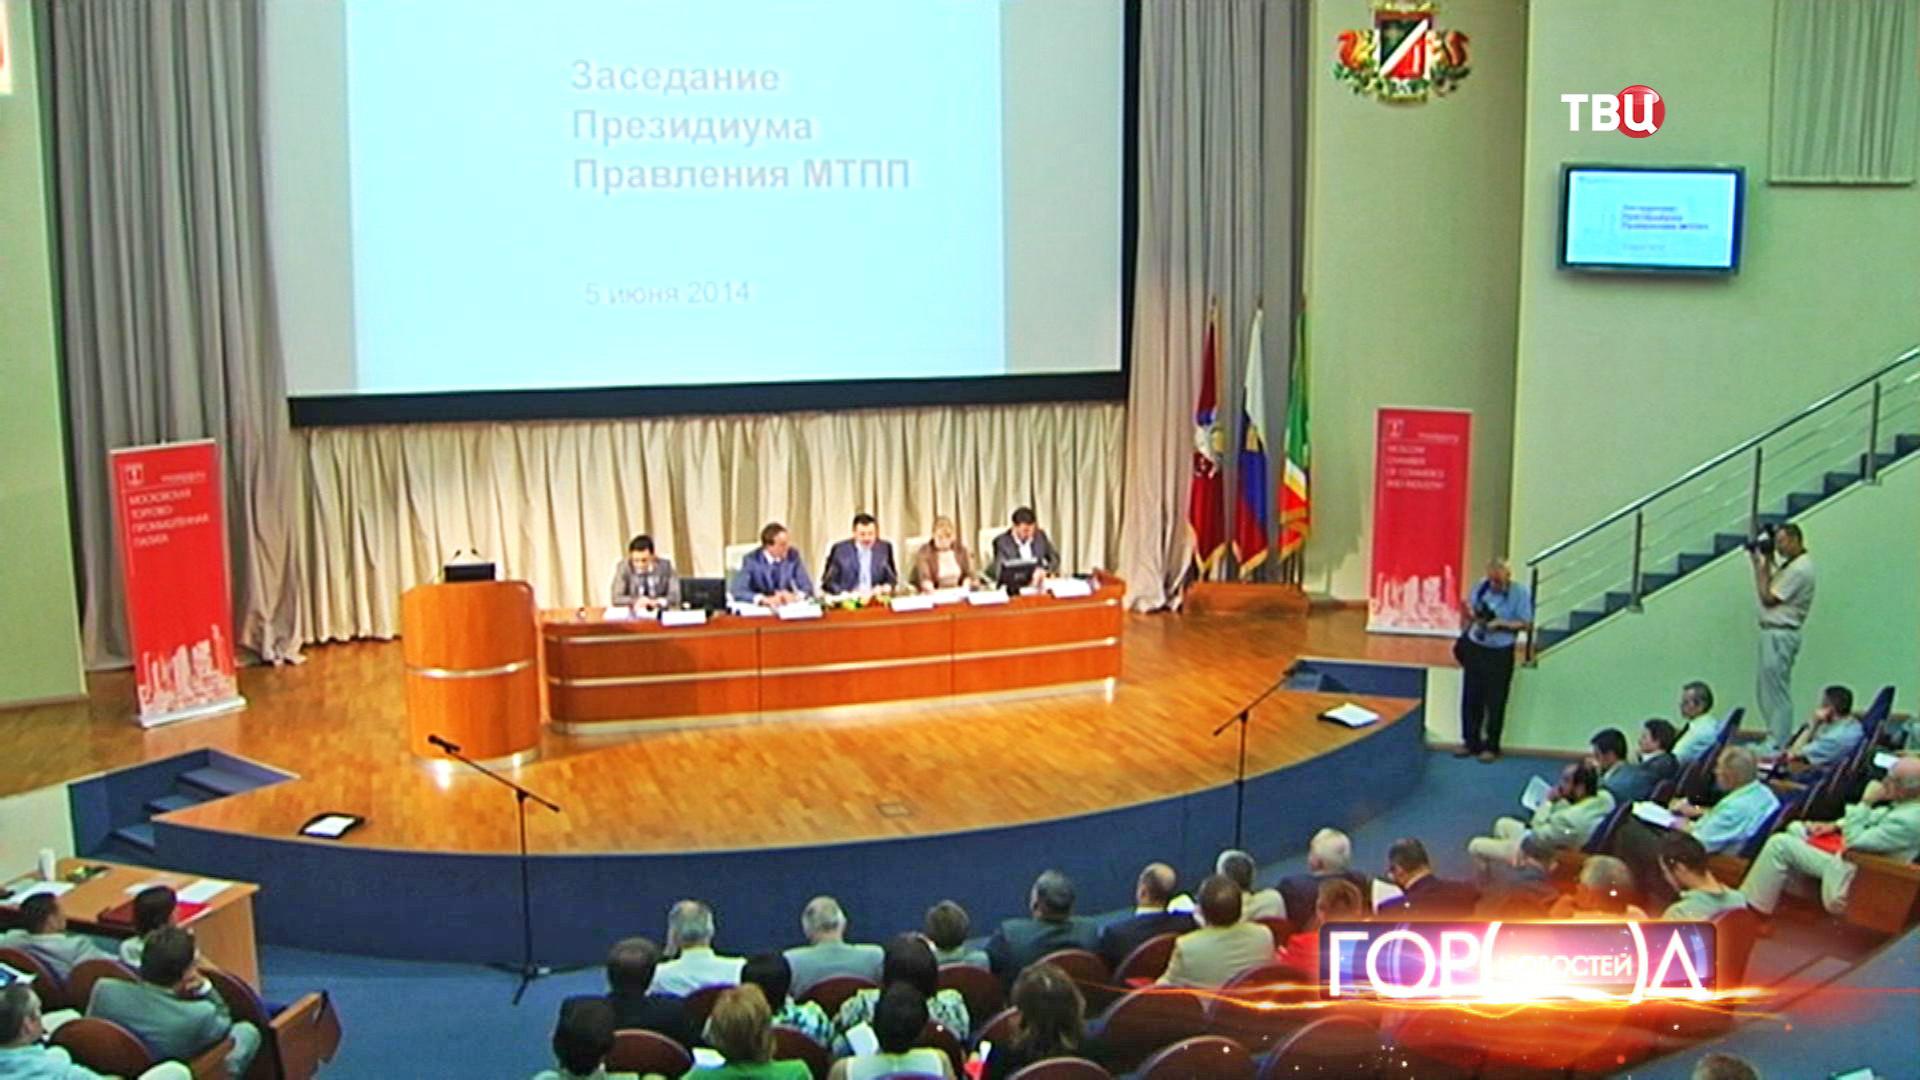 Заседание московской торгово-промышленной палаты в Зеленограде